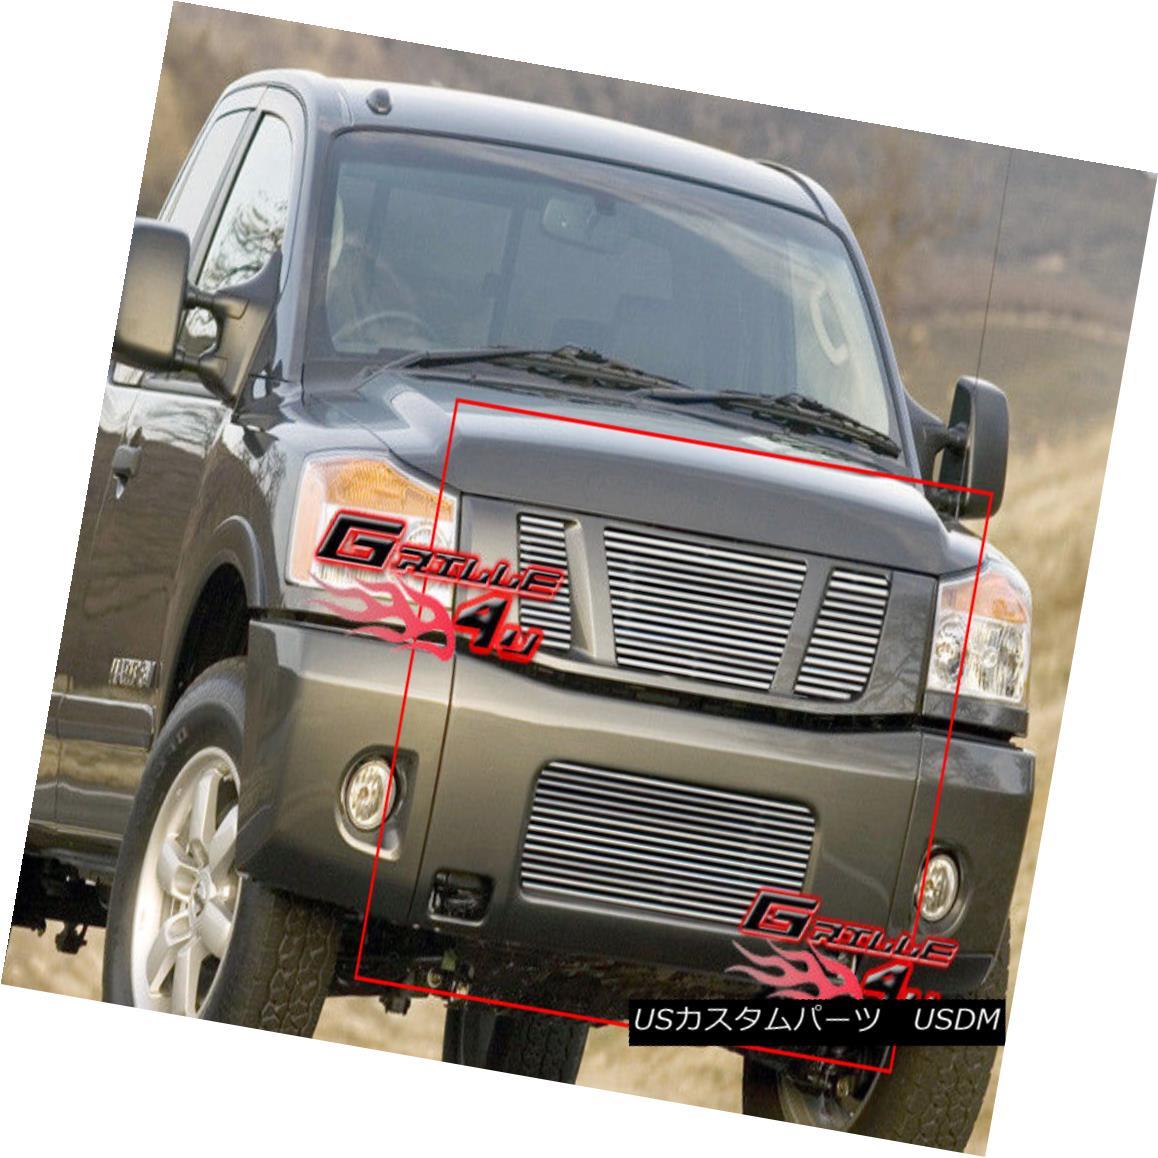 グリル For 08-14 2014 Nissan Titan Billet Grille Combo Insert 08-14 2014日産タイタンビレットグリルコンボインサート